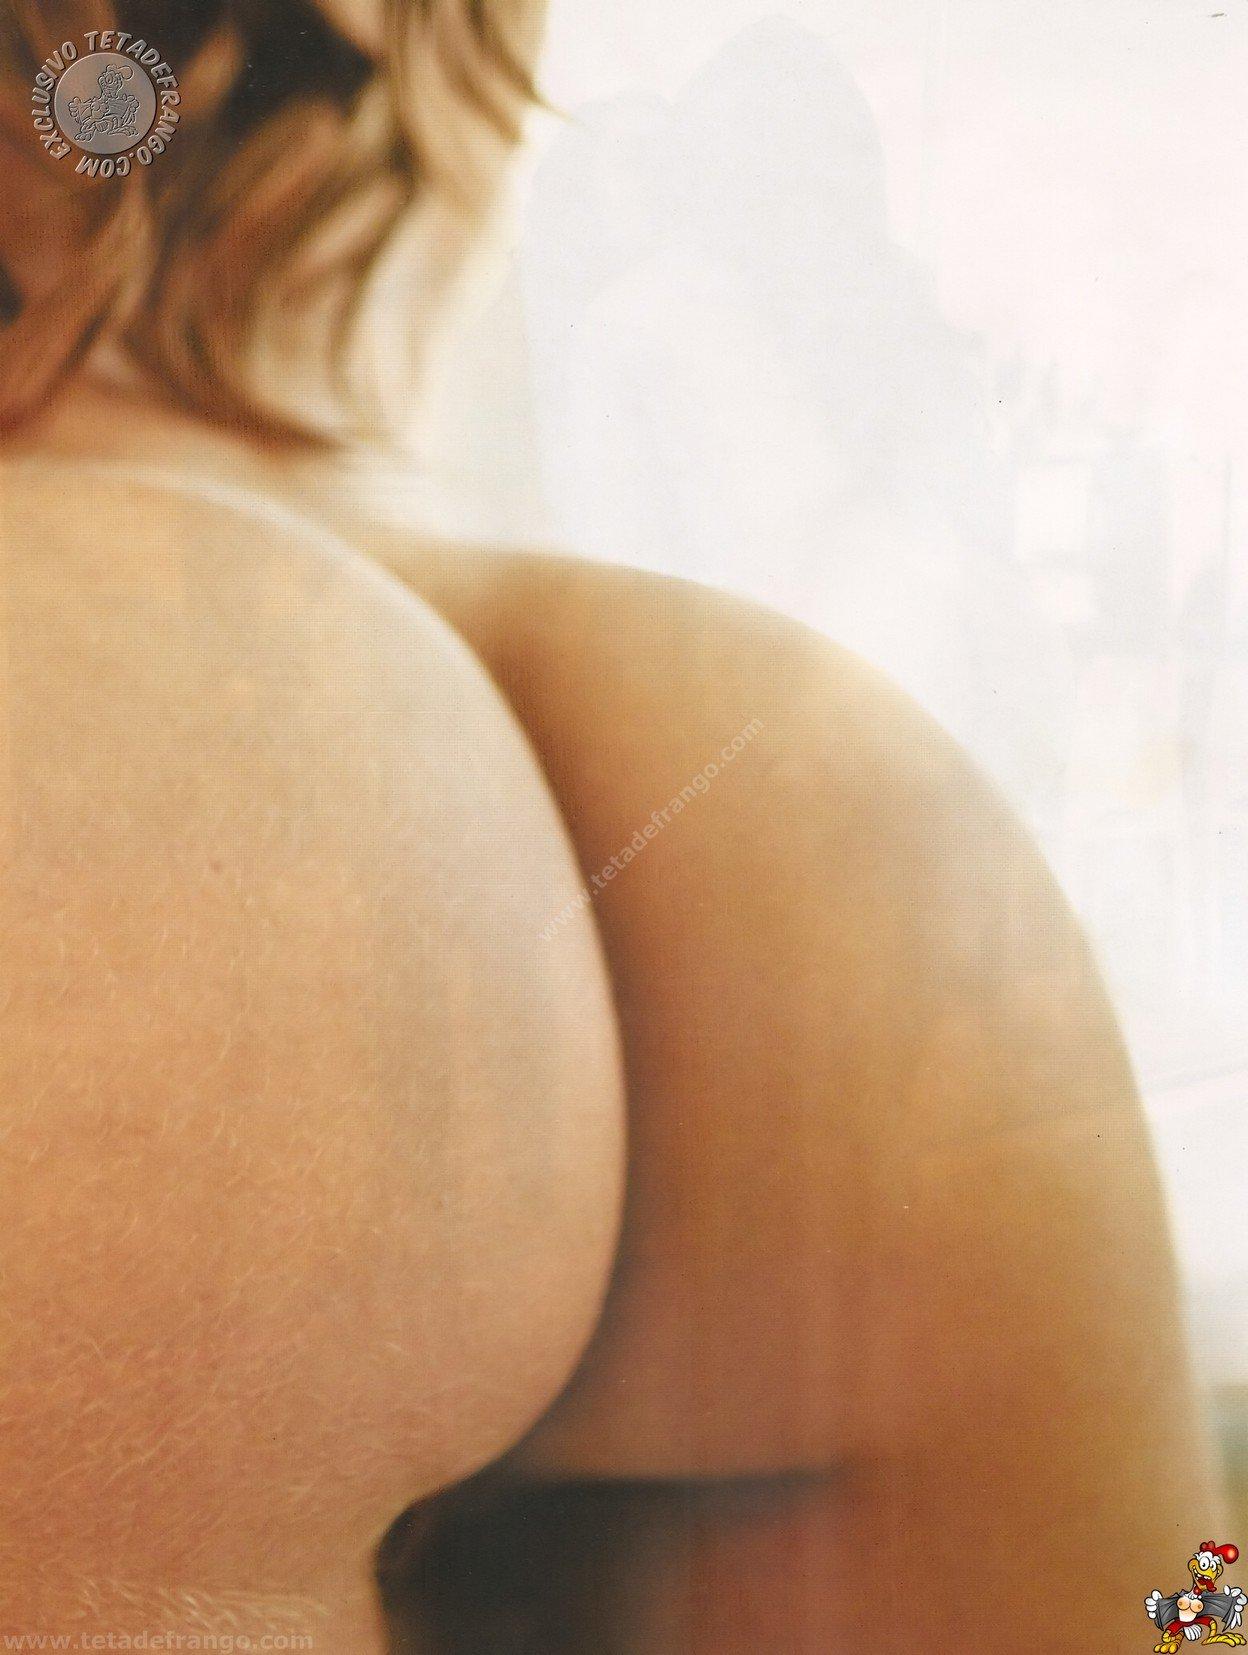 Fotos Playboy Mulher Melão Renata Frisson (26)